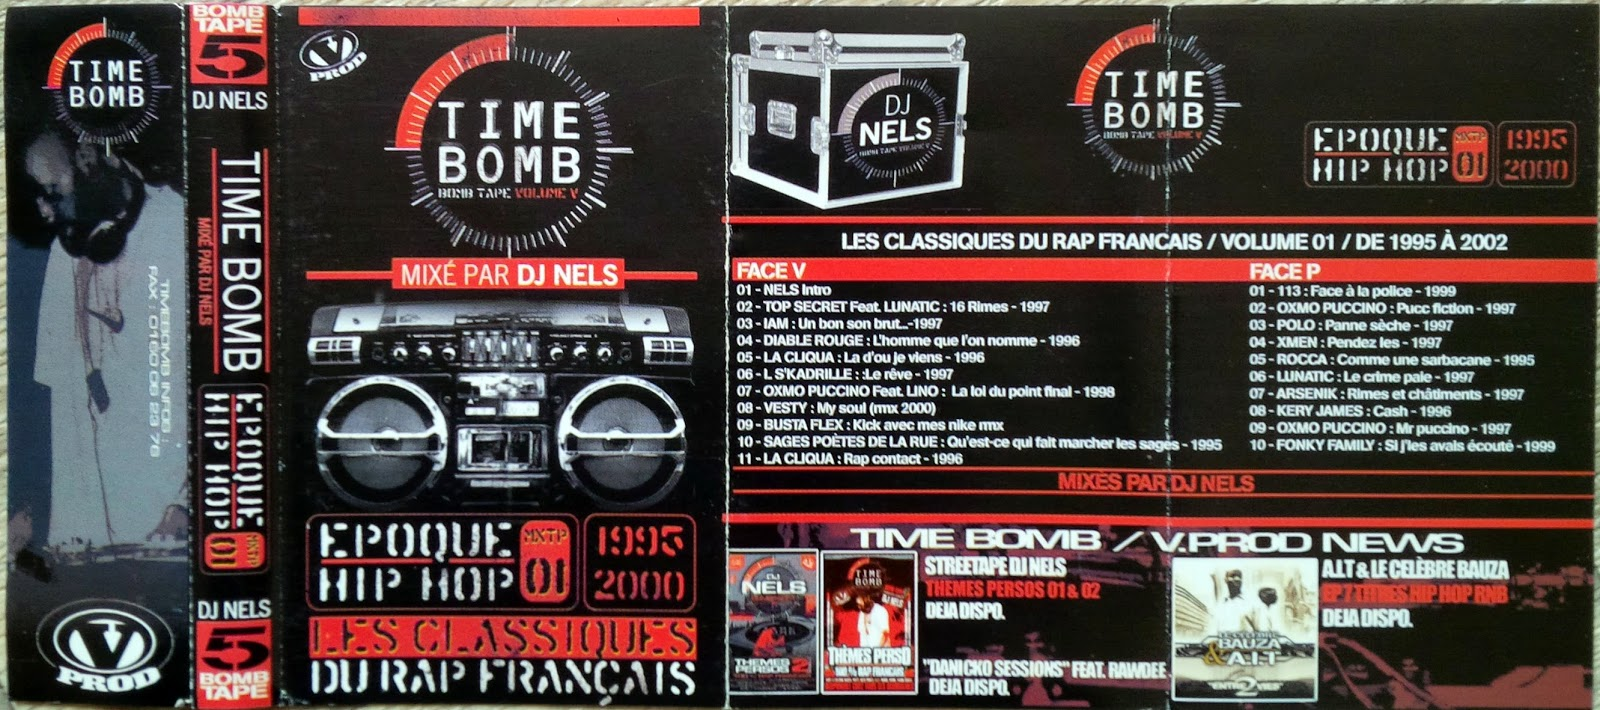 k7pacoje dj nels bomb tape 5 les classiques du rap fran ais. Black Bedroom Furniture Sets. Home Design Ideas